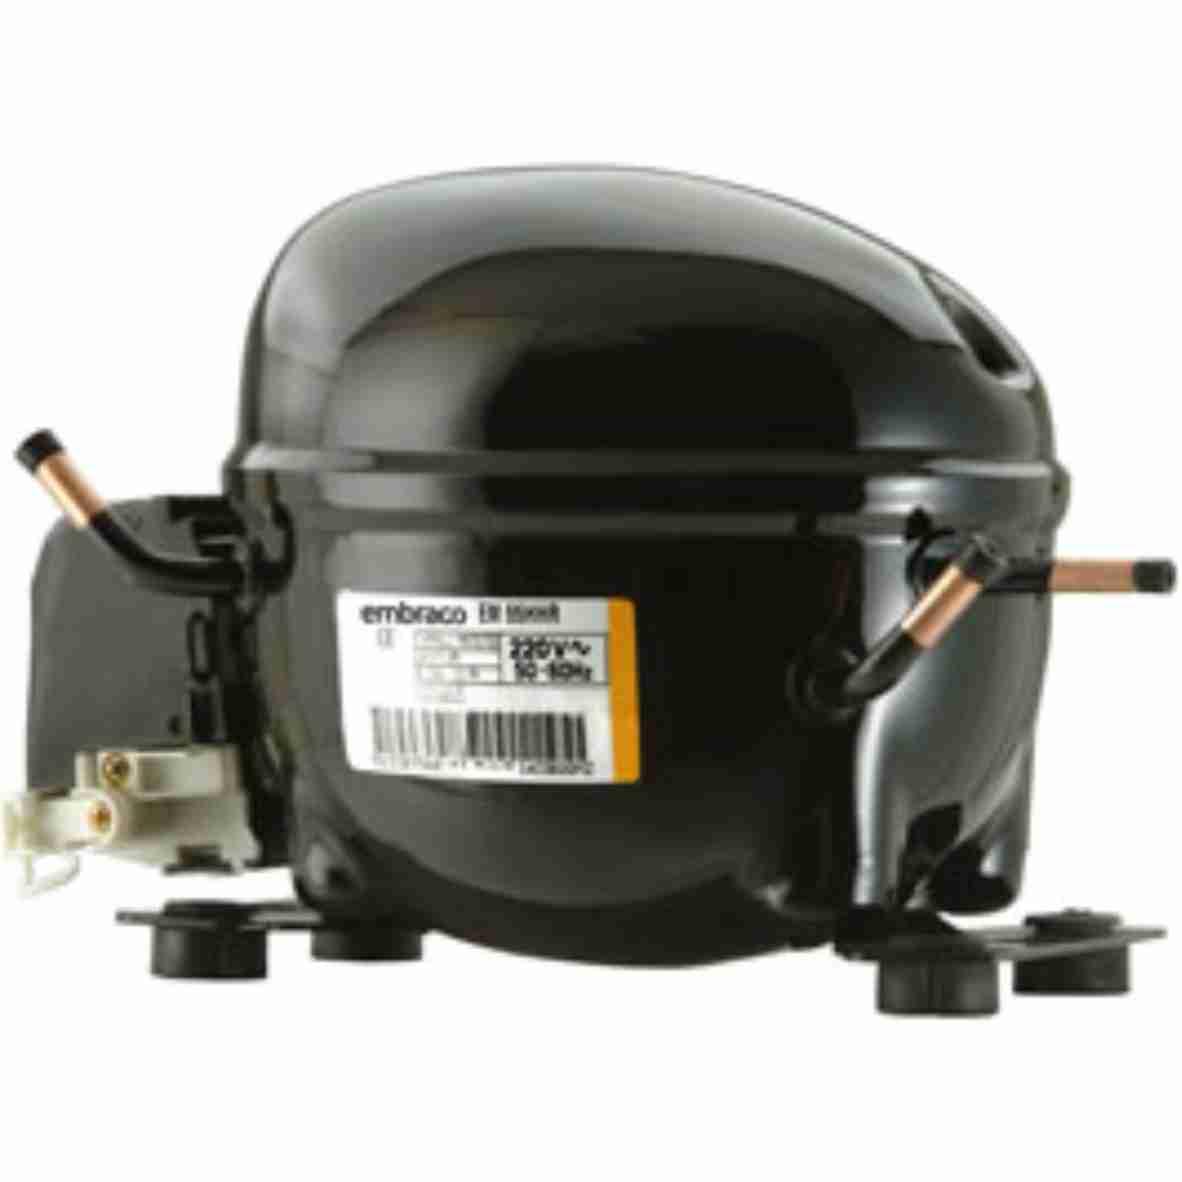 Compressor 1/10 110V Blends EMI 30ER Embraco